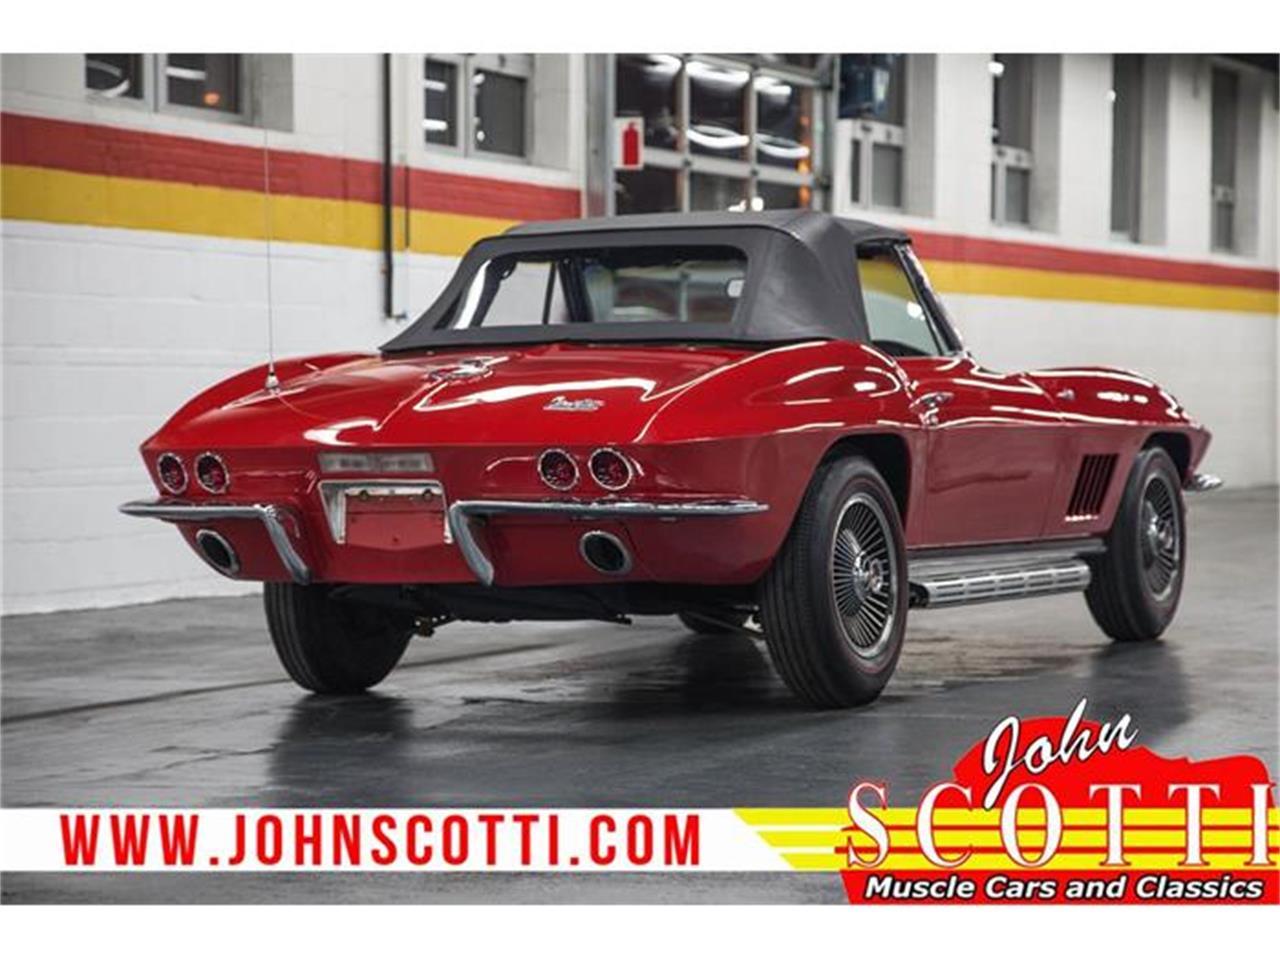 Large Picture of '67 Corvette located in Quebec - $59,990.00 - GA0F